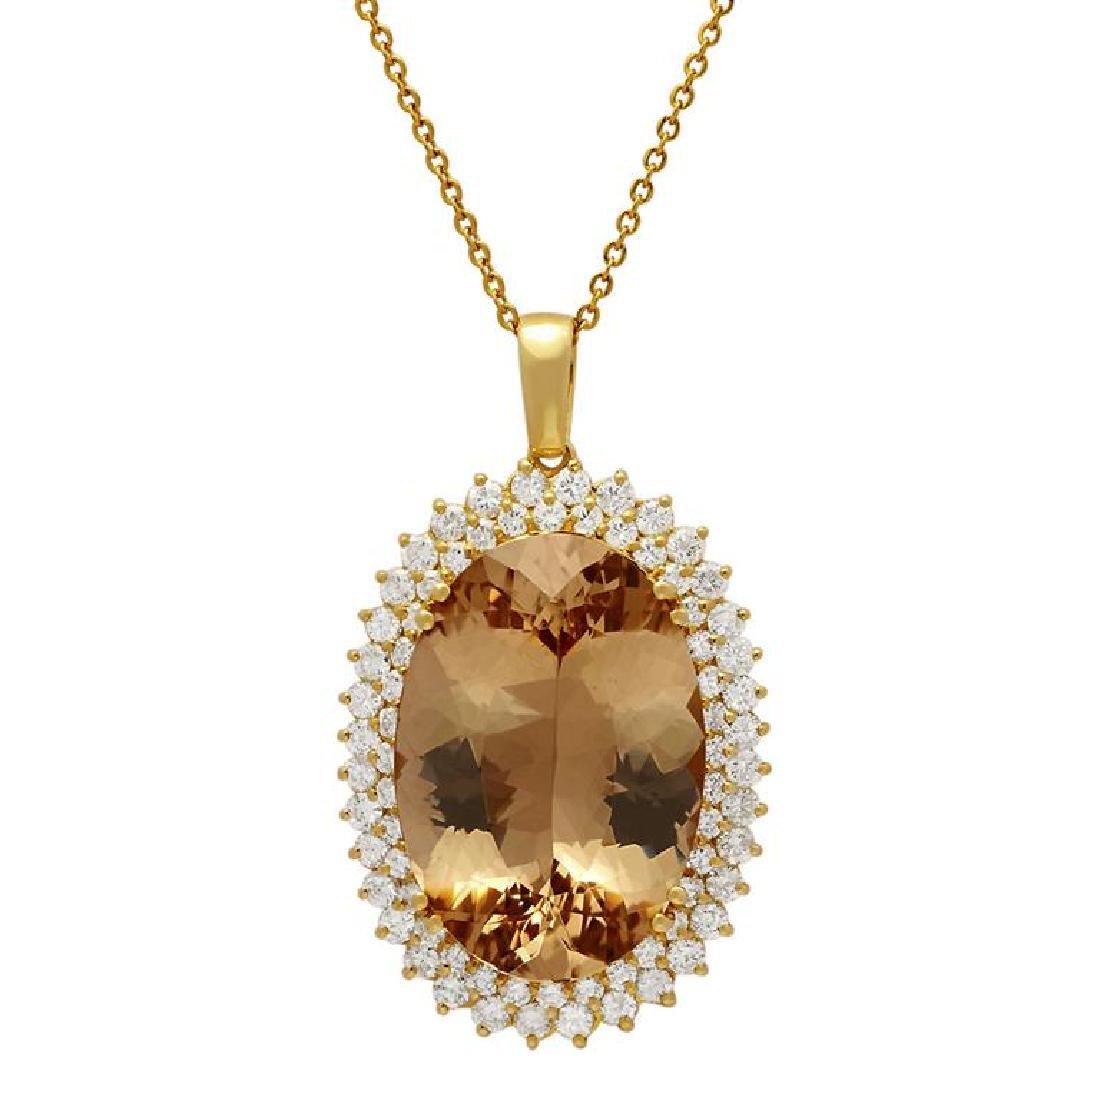 14k Yellow Gold 39.88ct Morganite 4.21ct Diamond